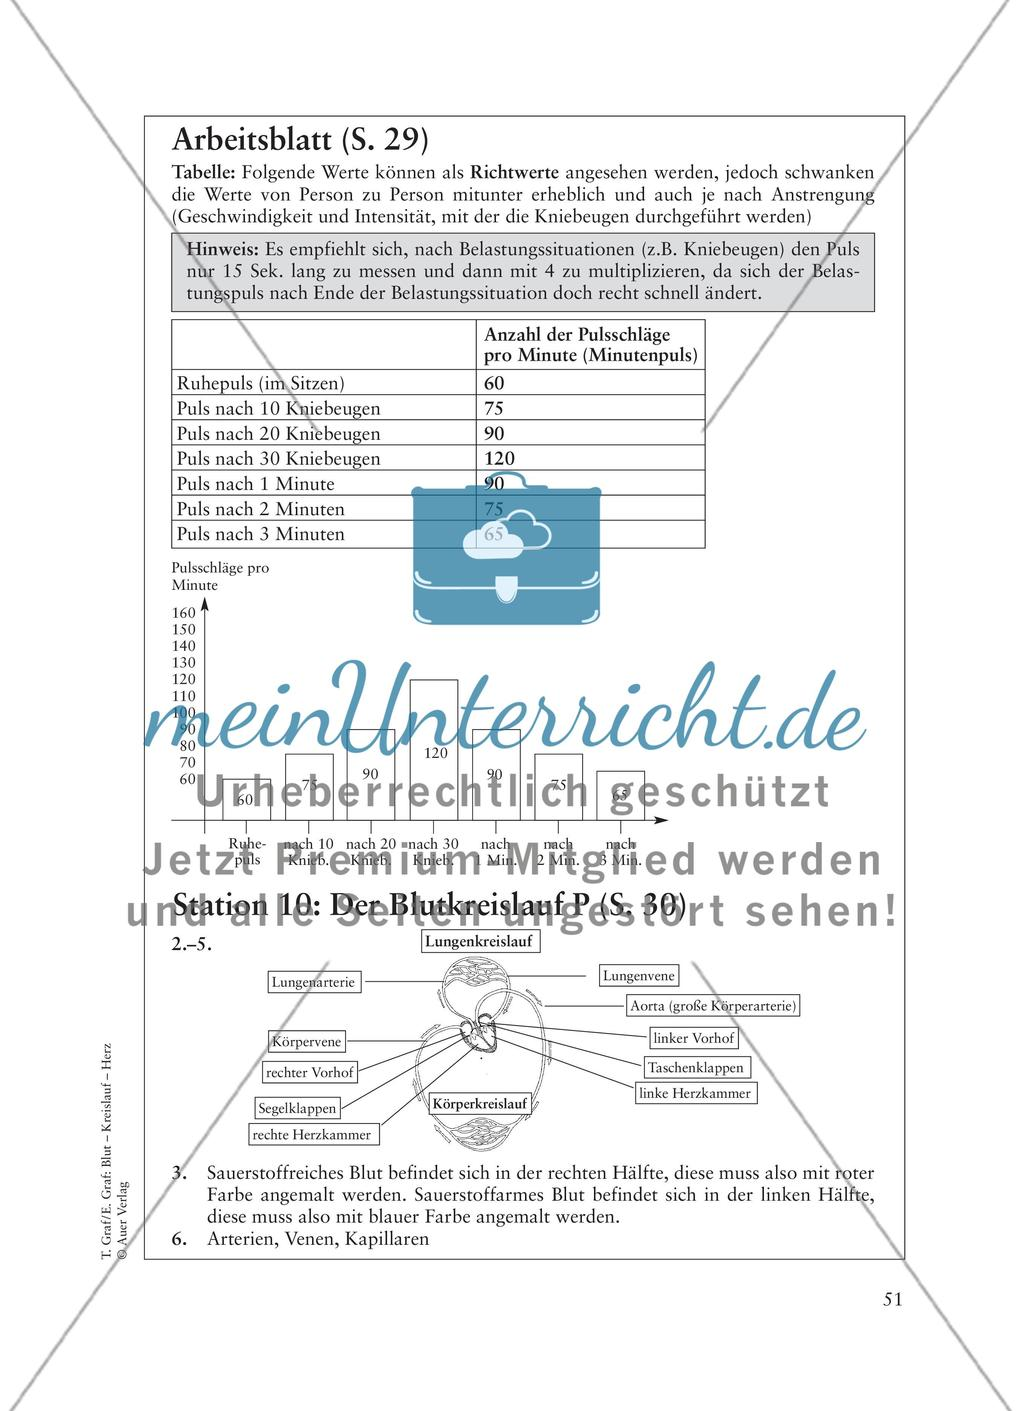 Passatkreislauf Arbeitsblatt Lösung